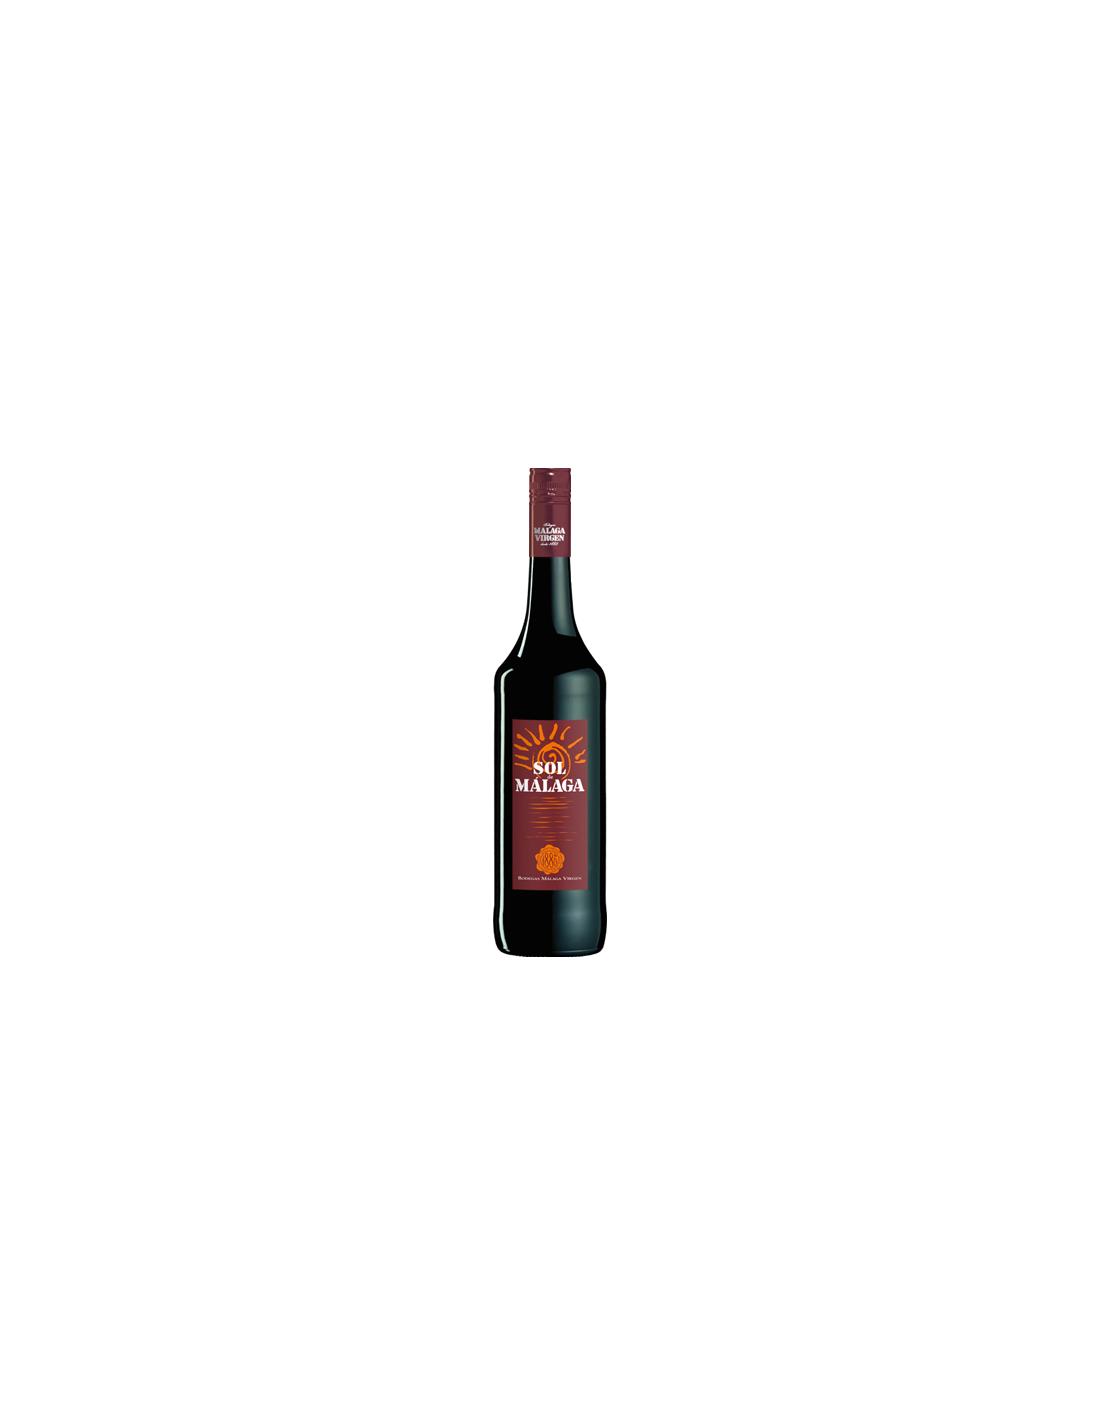 Vin rosu dulce, Sol De Malaga, 15% alc., 0.75L, Spania